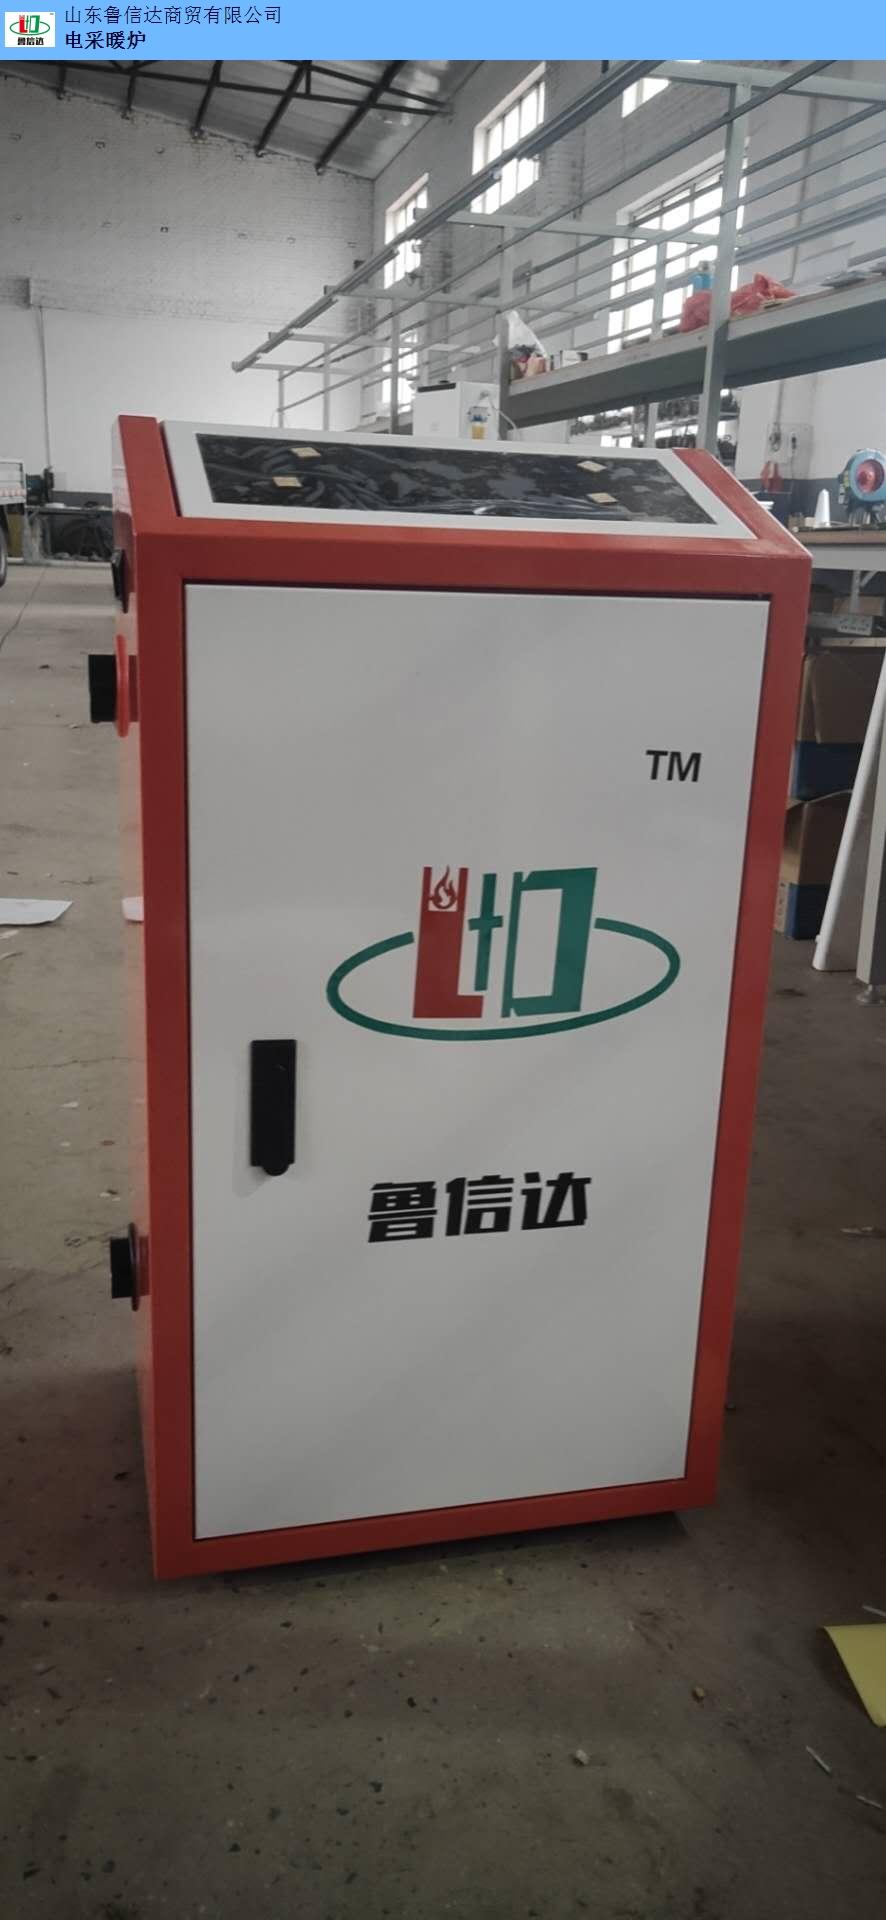 山东批发养殖锅炉的厂家 推荐咨询  山东鲁信达商贸供应